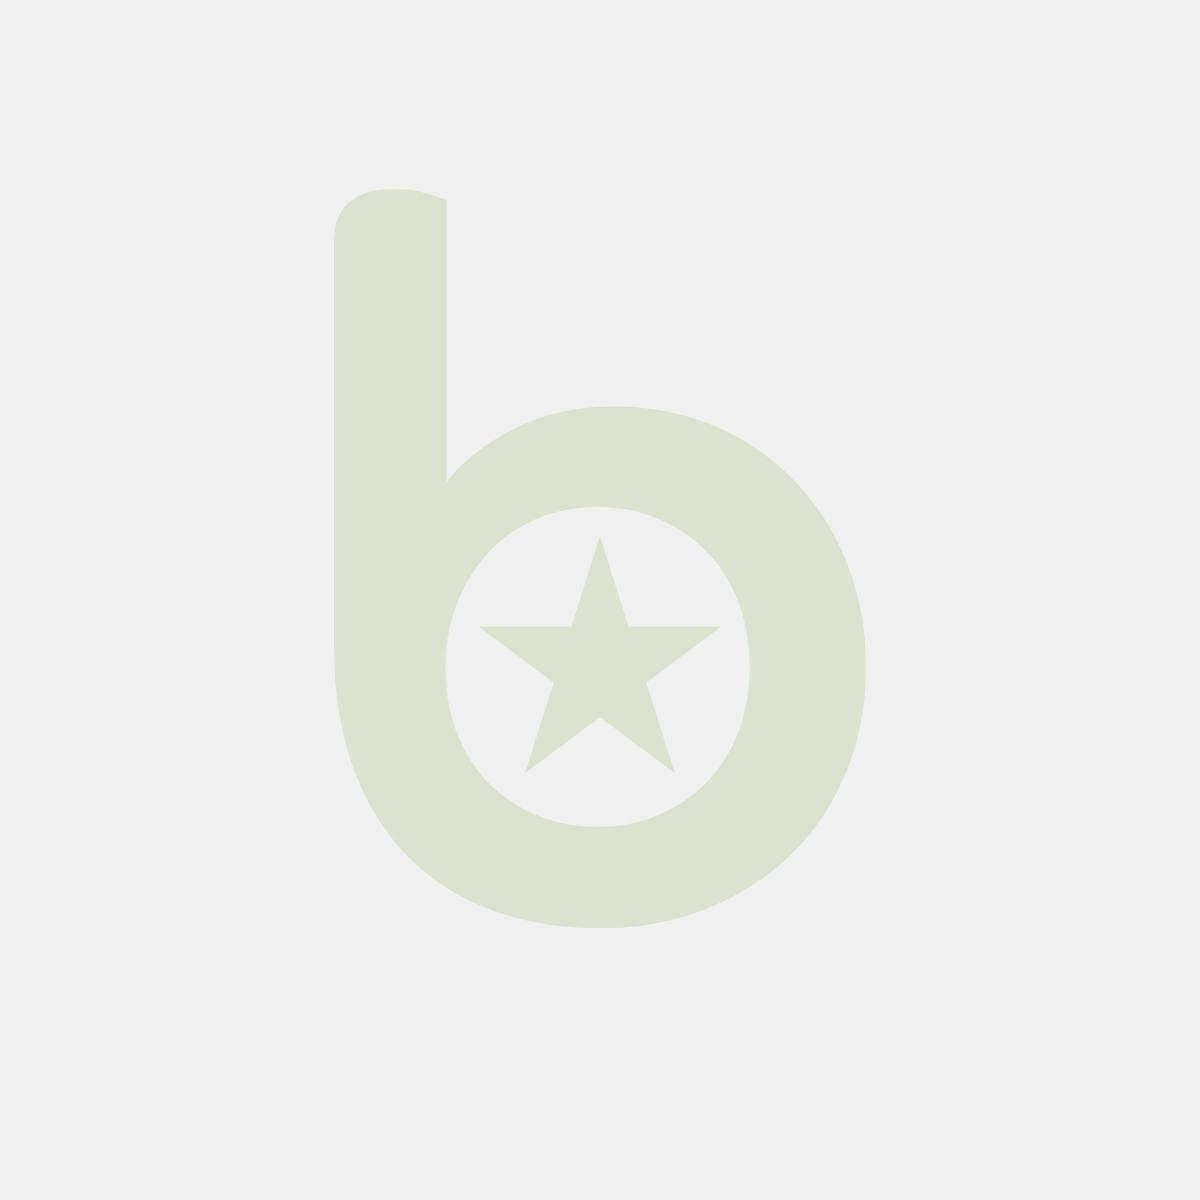 Pakowarka próżniowa Fresh Budget Line – listwowa - kod 970461